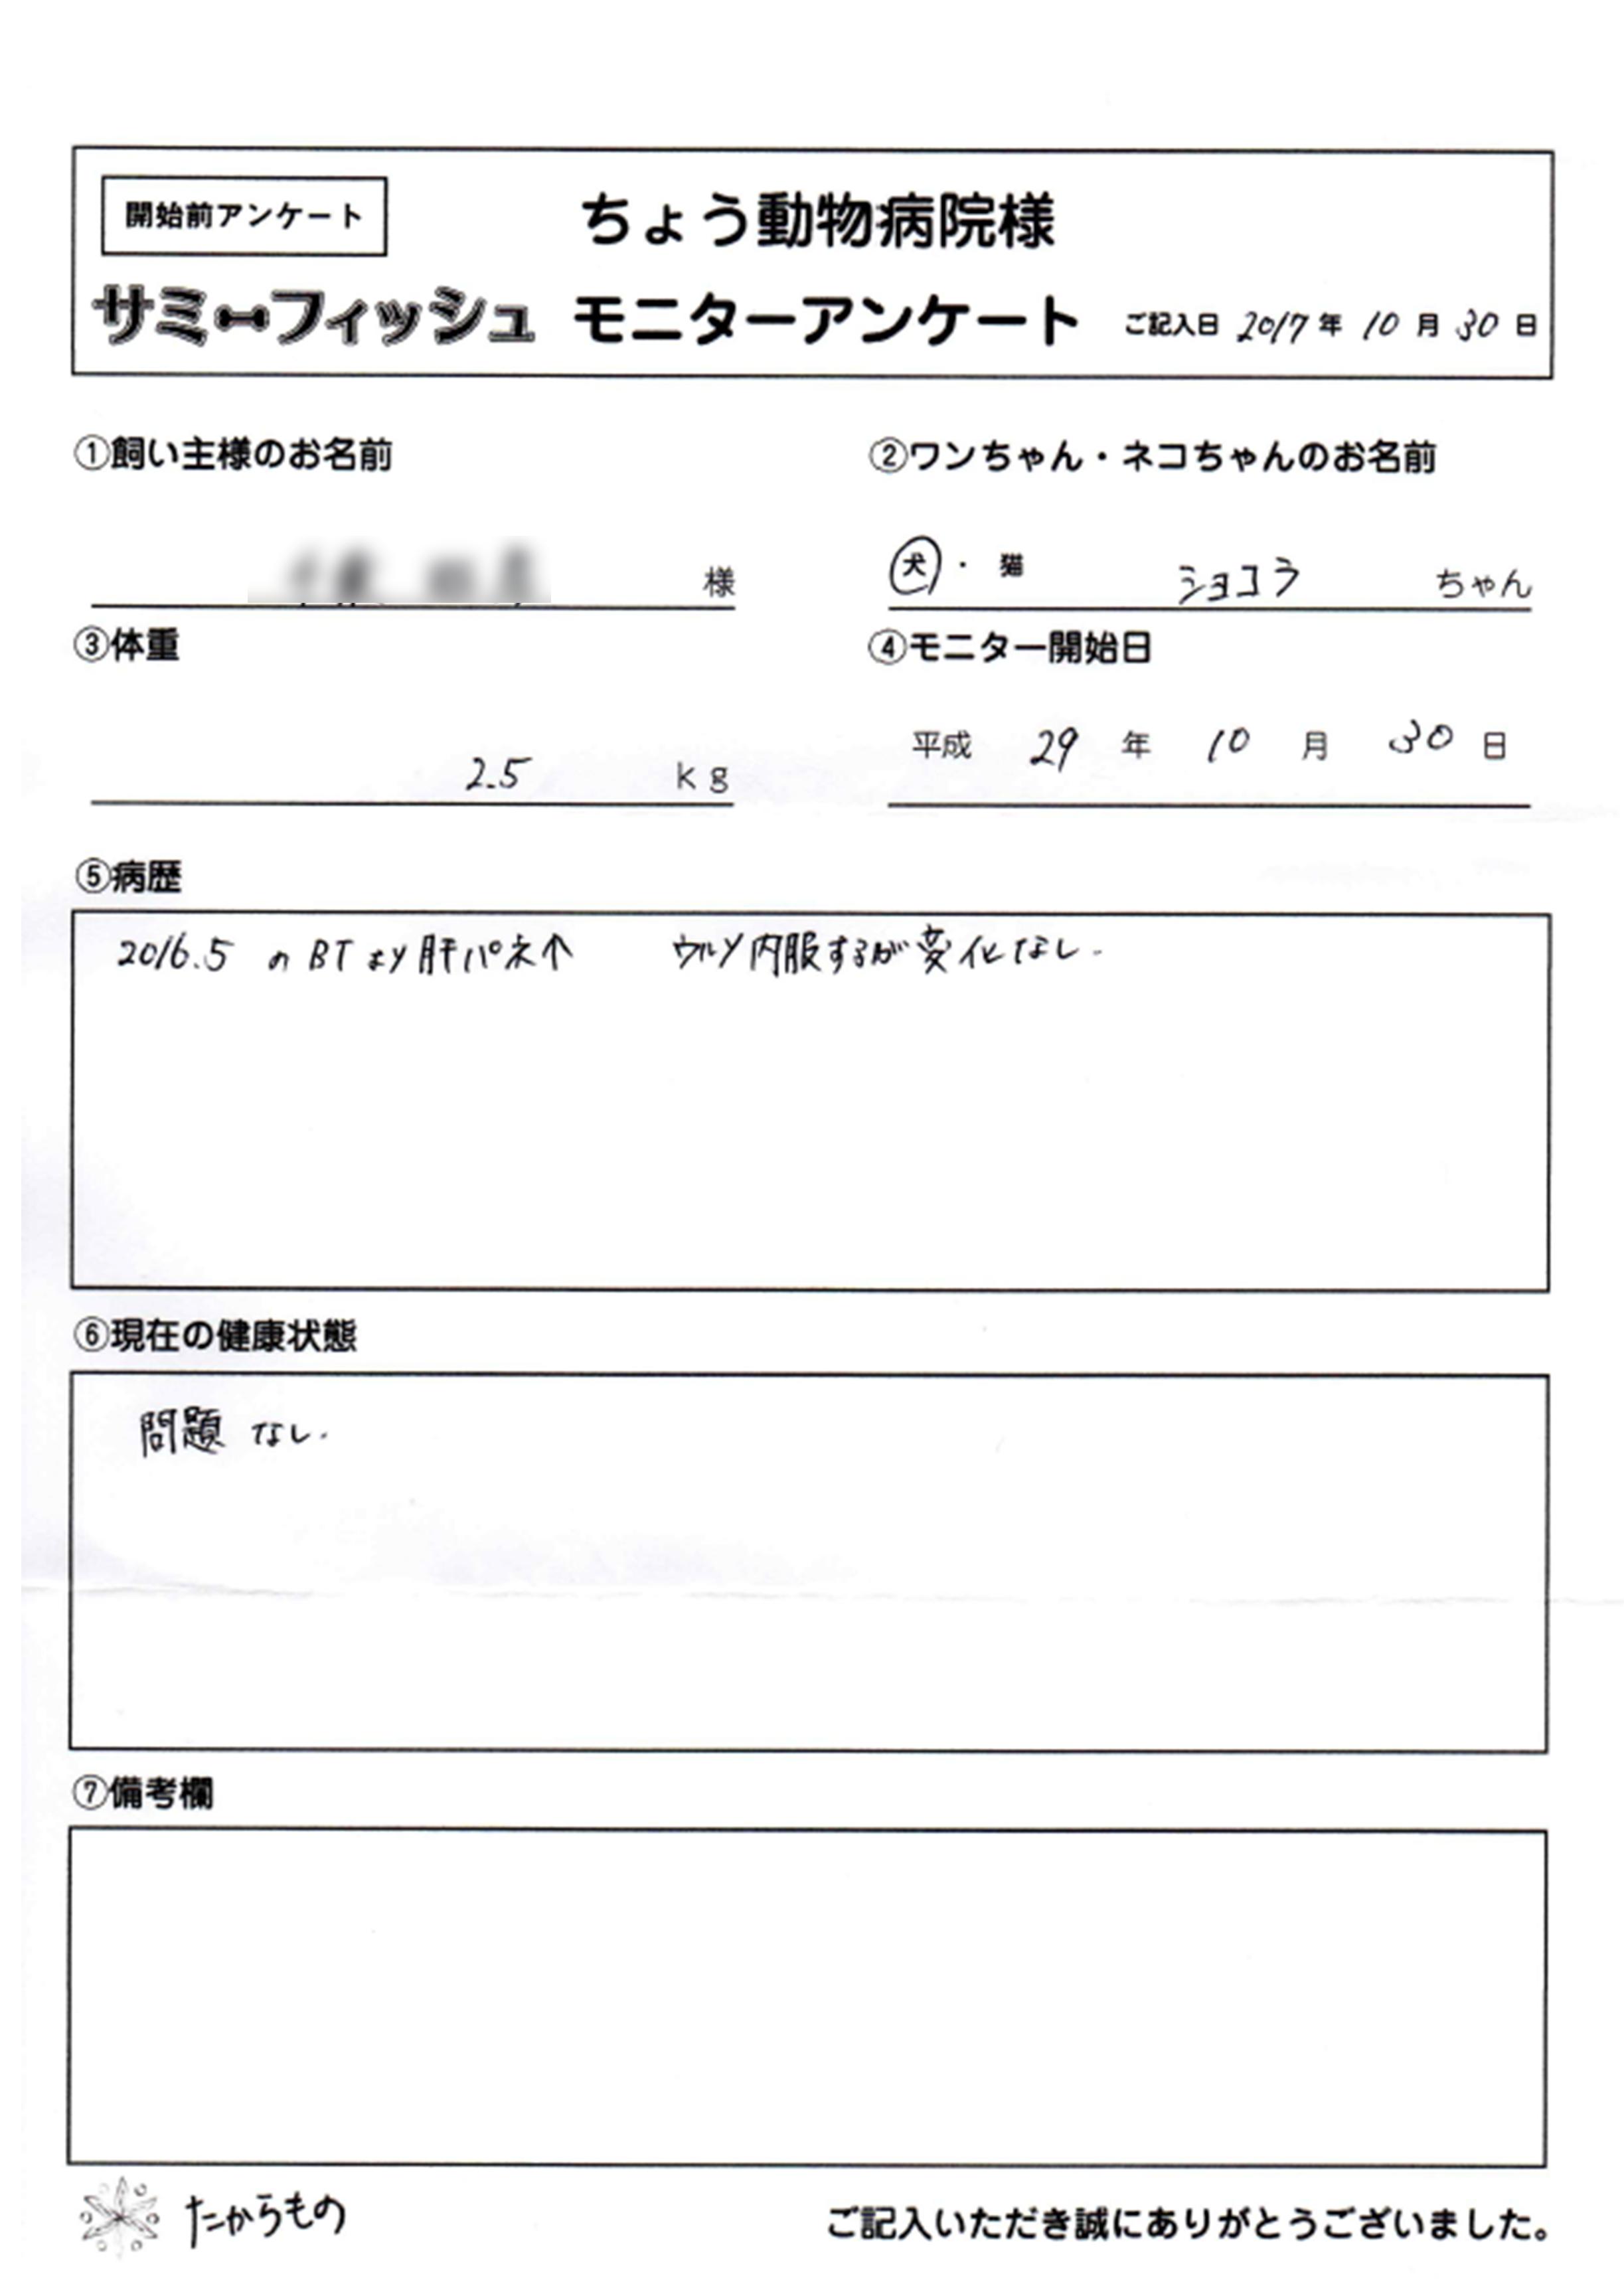 ショコラ(後)